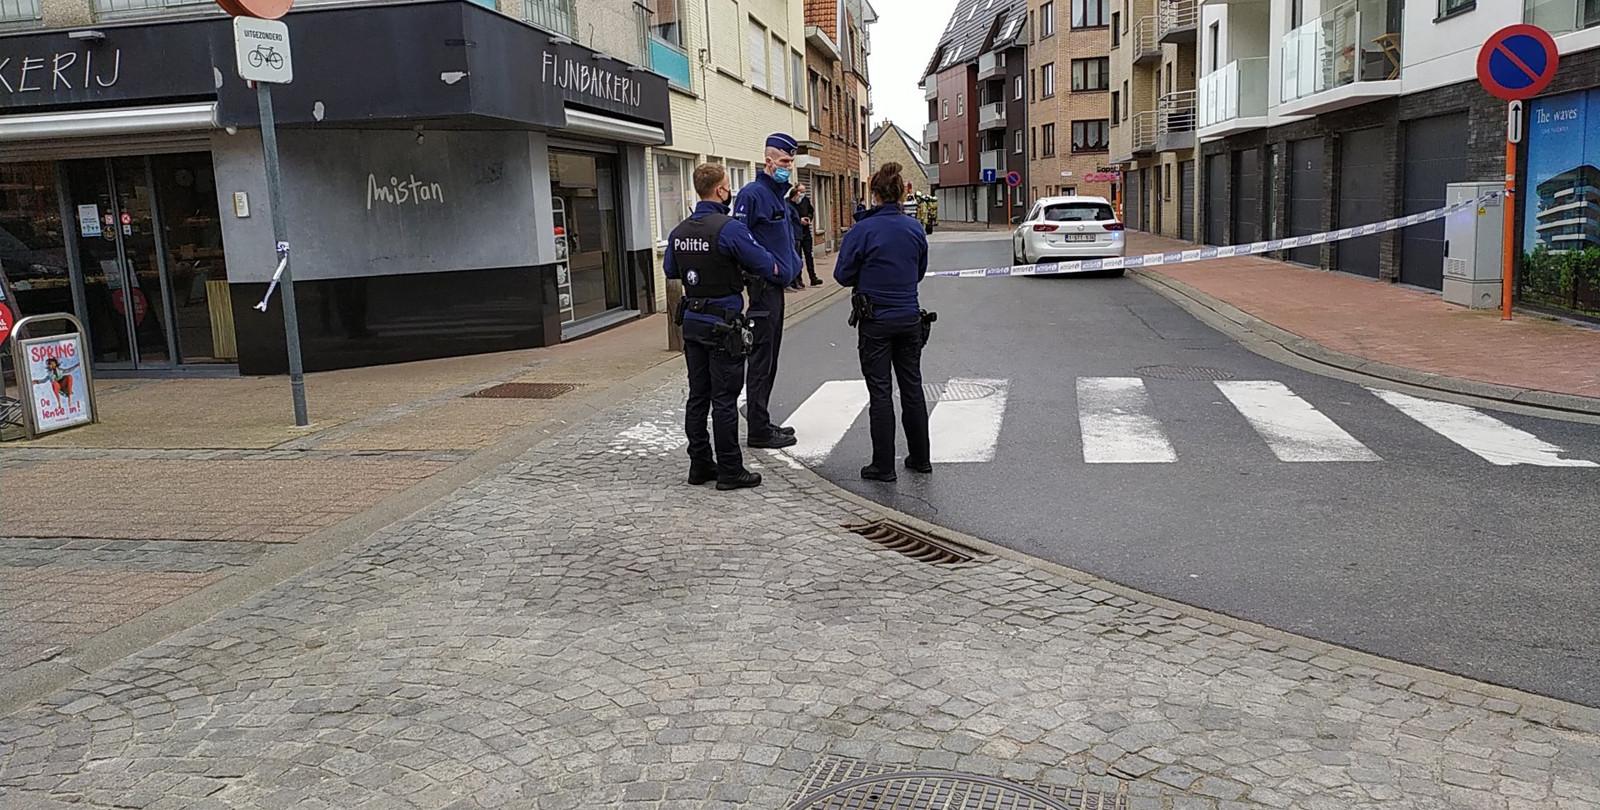 De buurt rond de Golfstraat en Hasselstraat in Bredene is momenteel afgesloten. Verkeer moet omrijden en bewoners moeten binnenblijven. Oorzaak is een ondergronds gaslek.